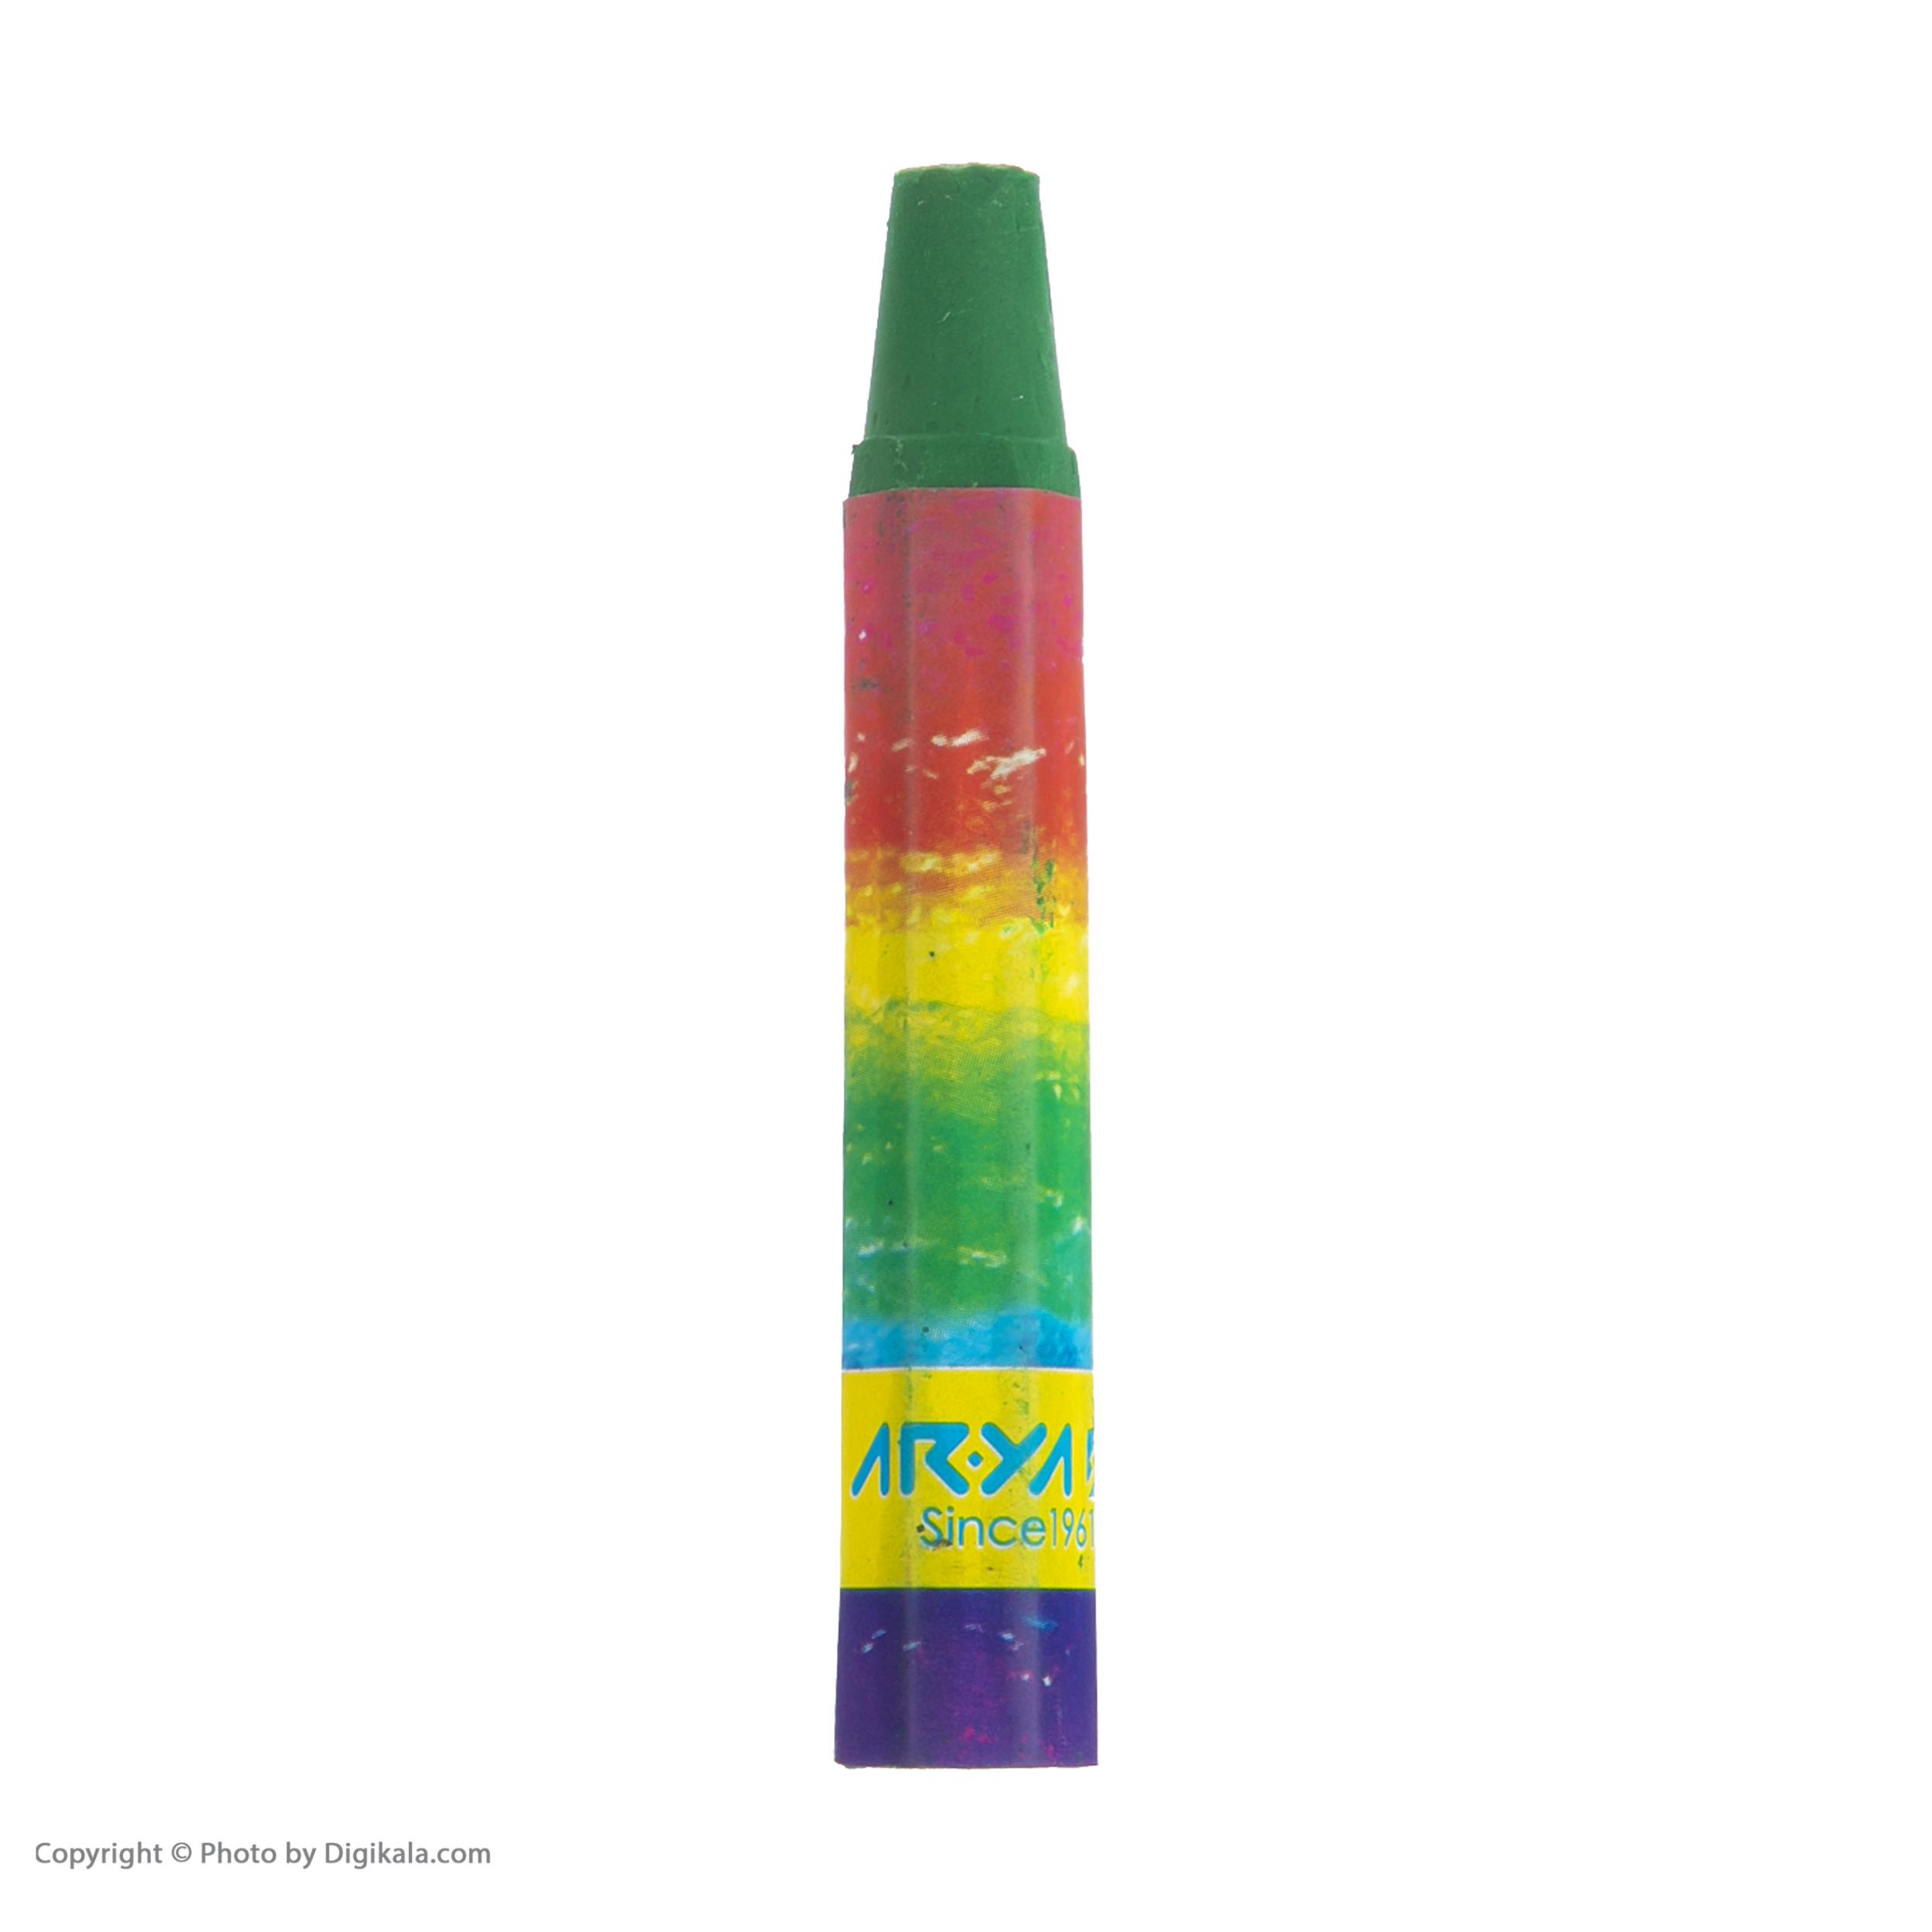 پاستل روغنی 12 رنگ آریا کد 2010 main 1 3